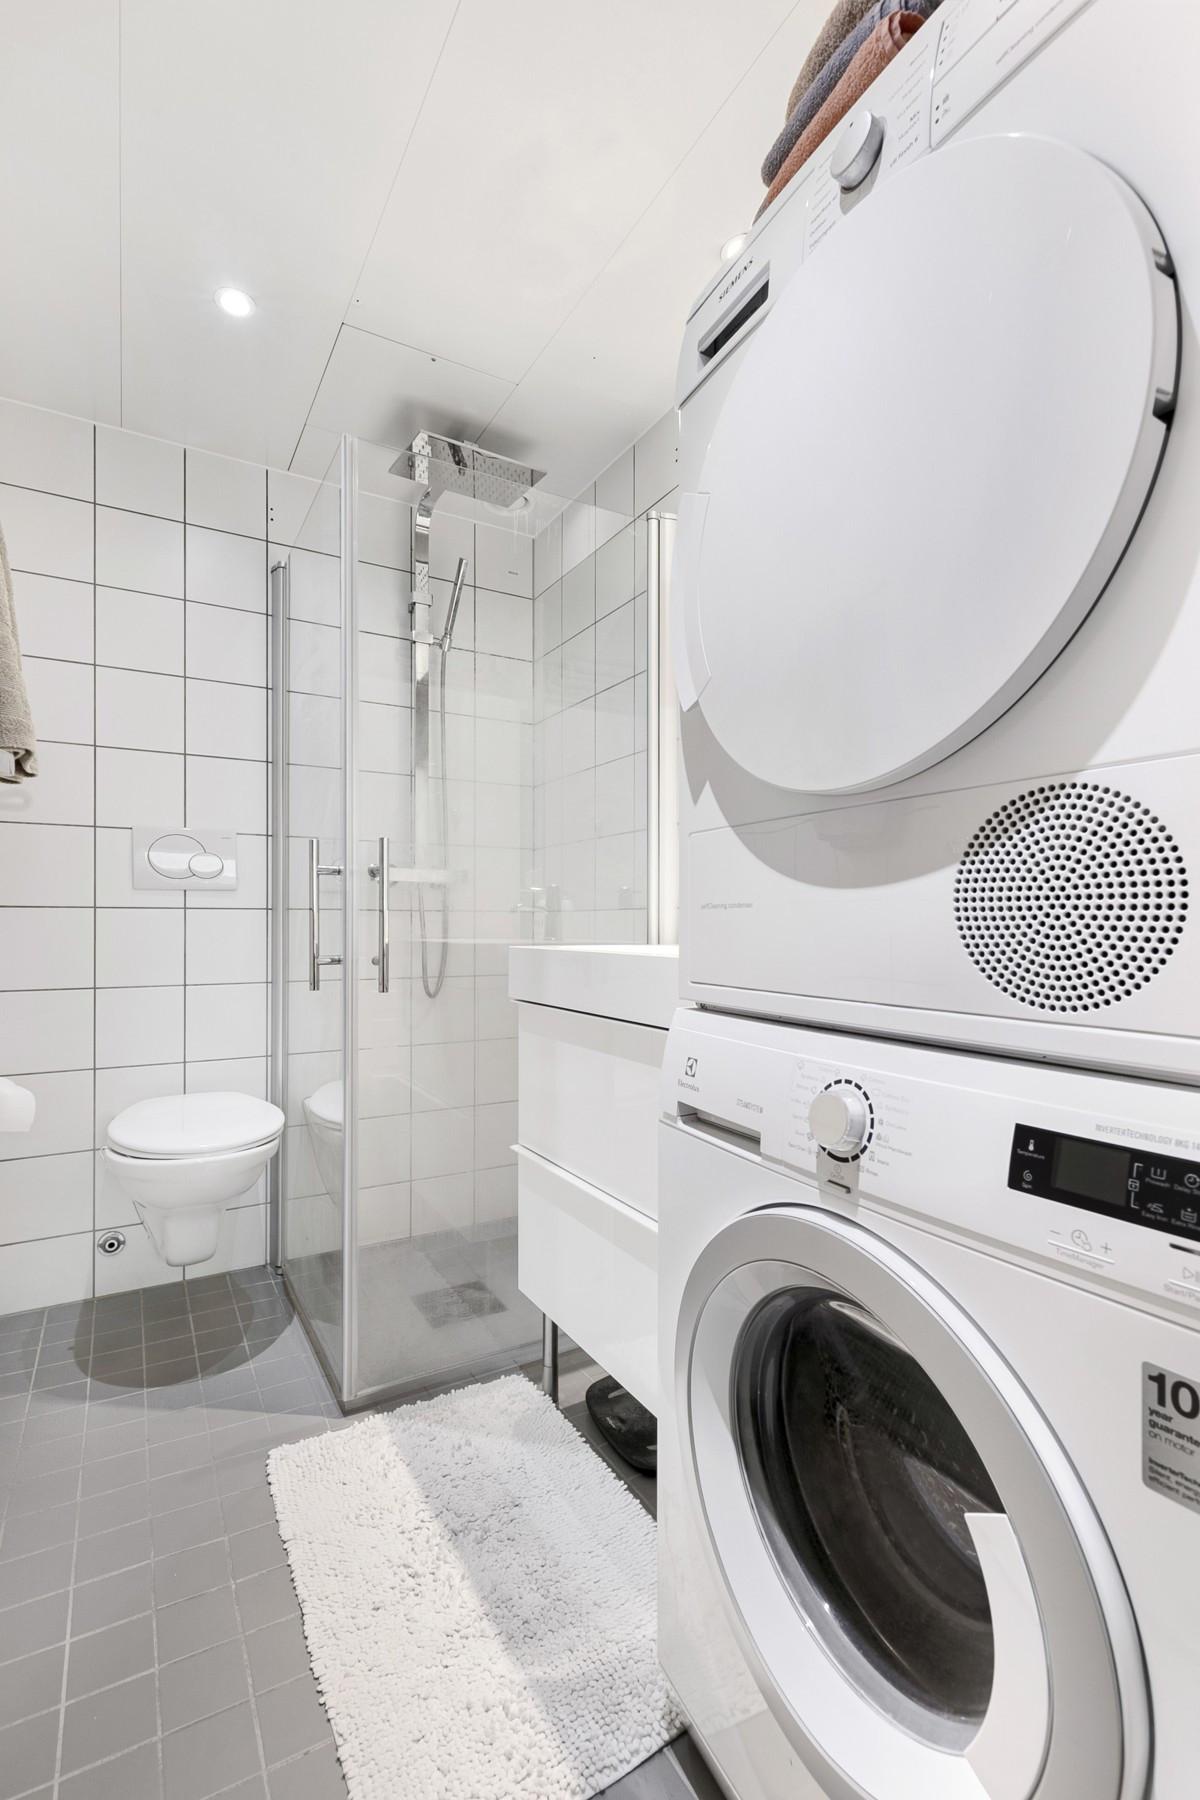 Opplegg for vaskemaskin/tørketrommel